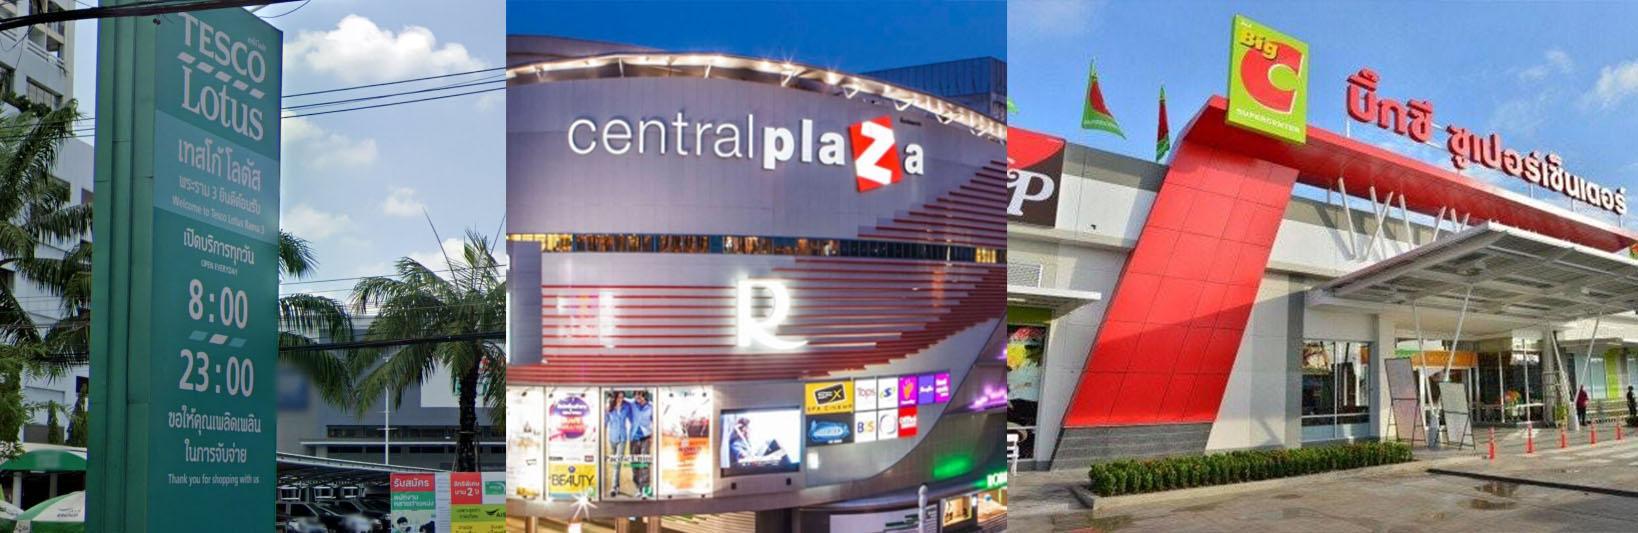 ห้างเปิดกี่โมง โลตัส Lotus, เซ็นทรัล Central, บิ๊กซี Big